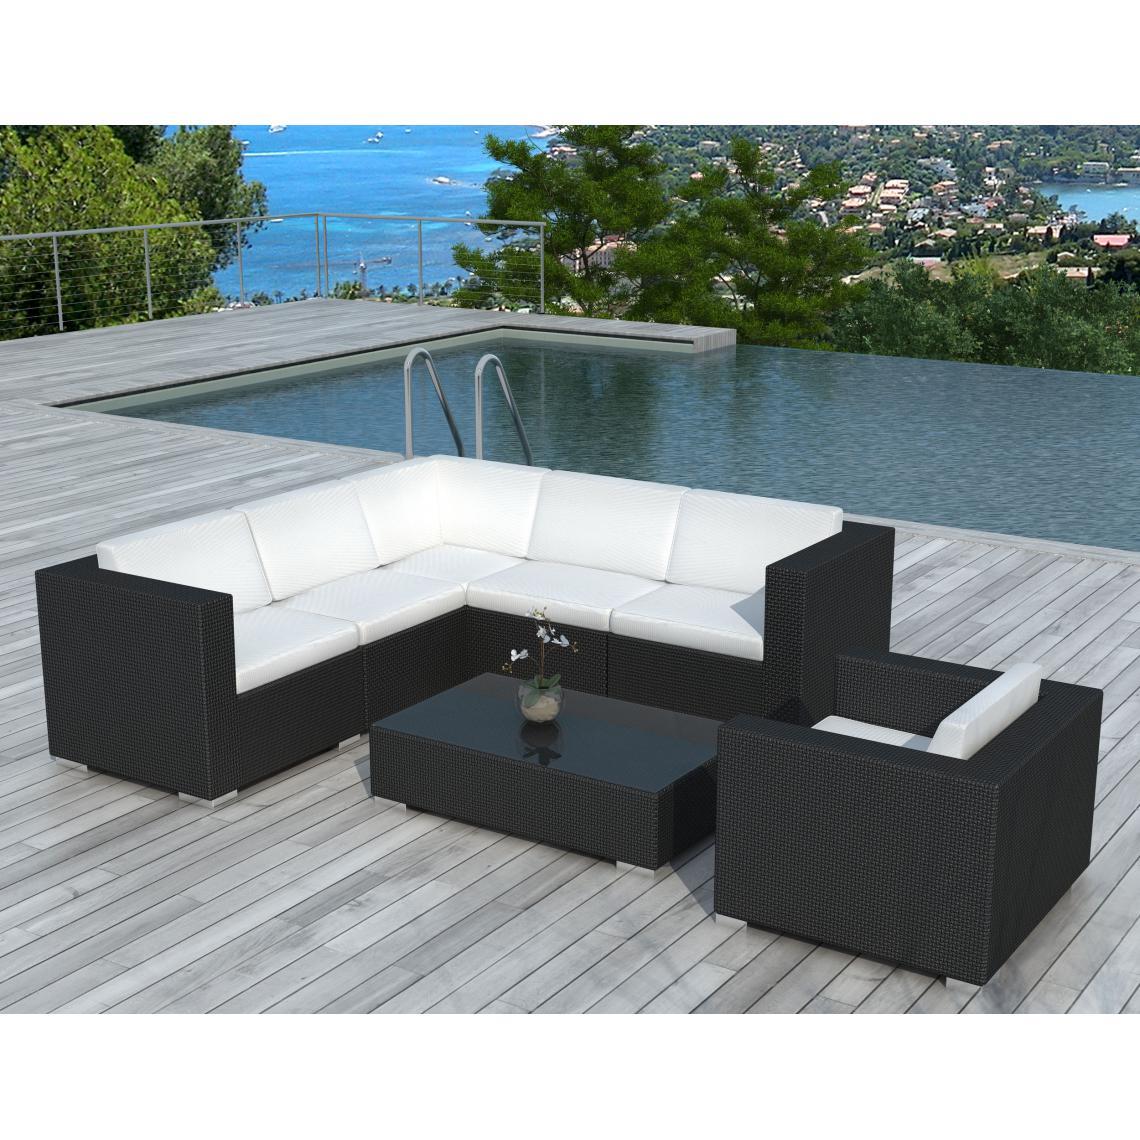 Salon de jardin noir et blanc en résine tressée CALIFORNIE 216x216x63